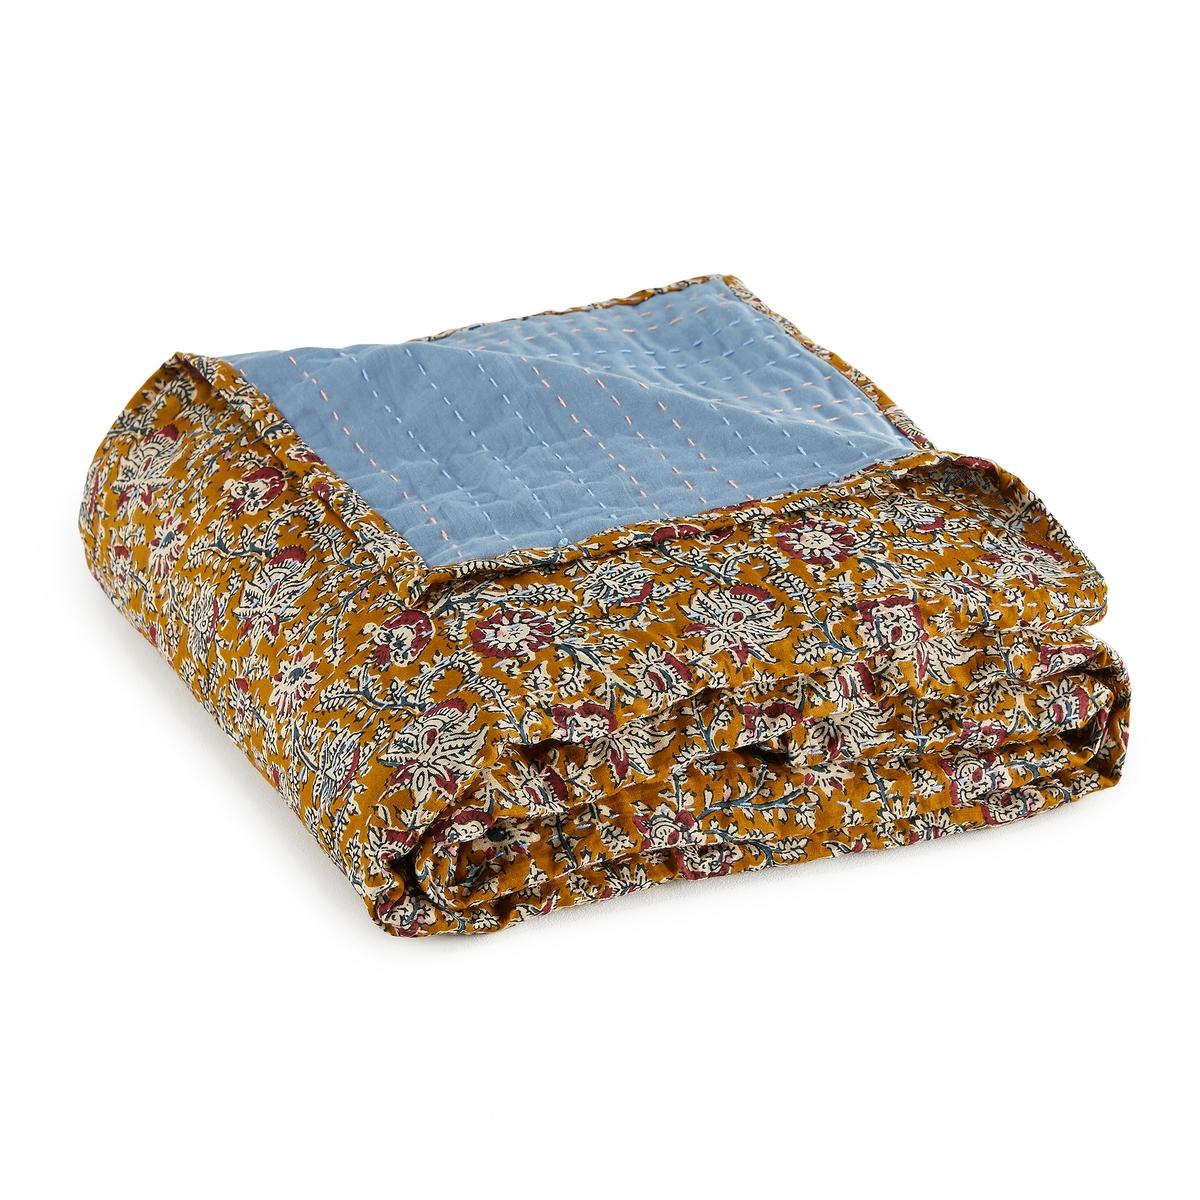 купить Плед La Redoute С вышивкой в стиле Кантха Normia 140 x 160 см другие онлайн